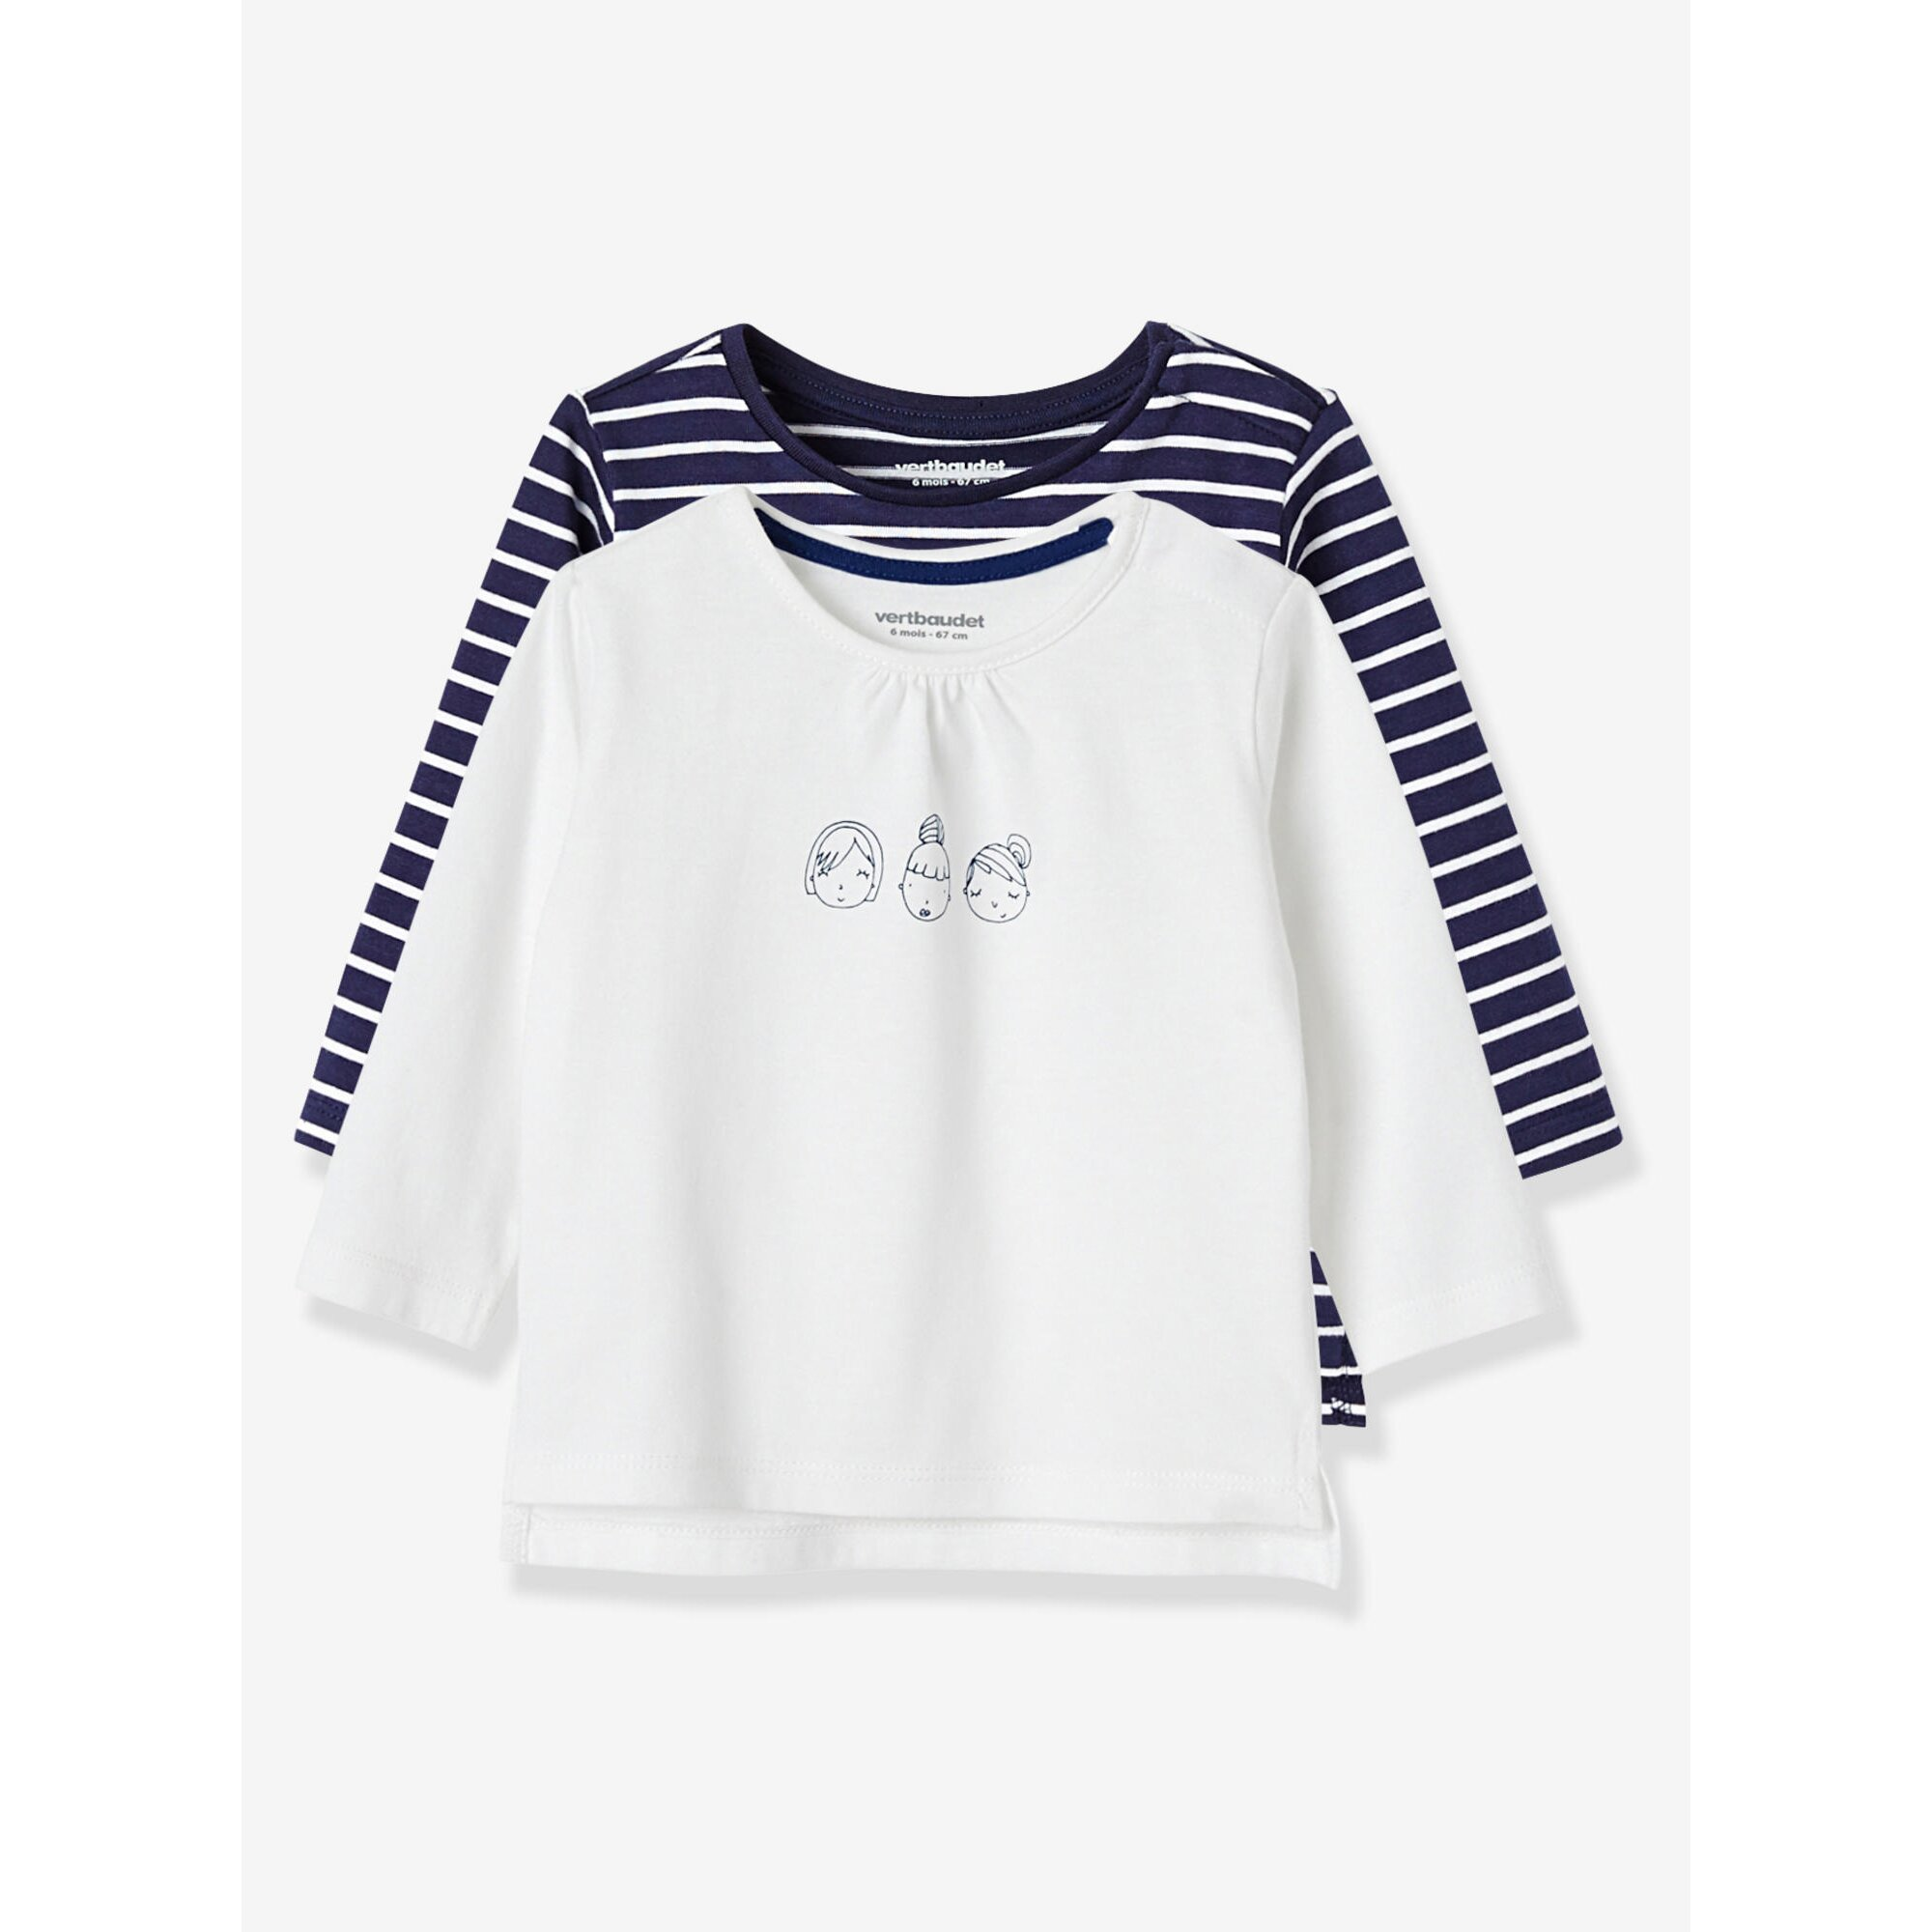 vertbaudet-2er-pack-babyshirts-fur-madchen, 10.99 EUR @ babywalz-de